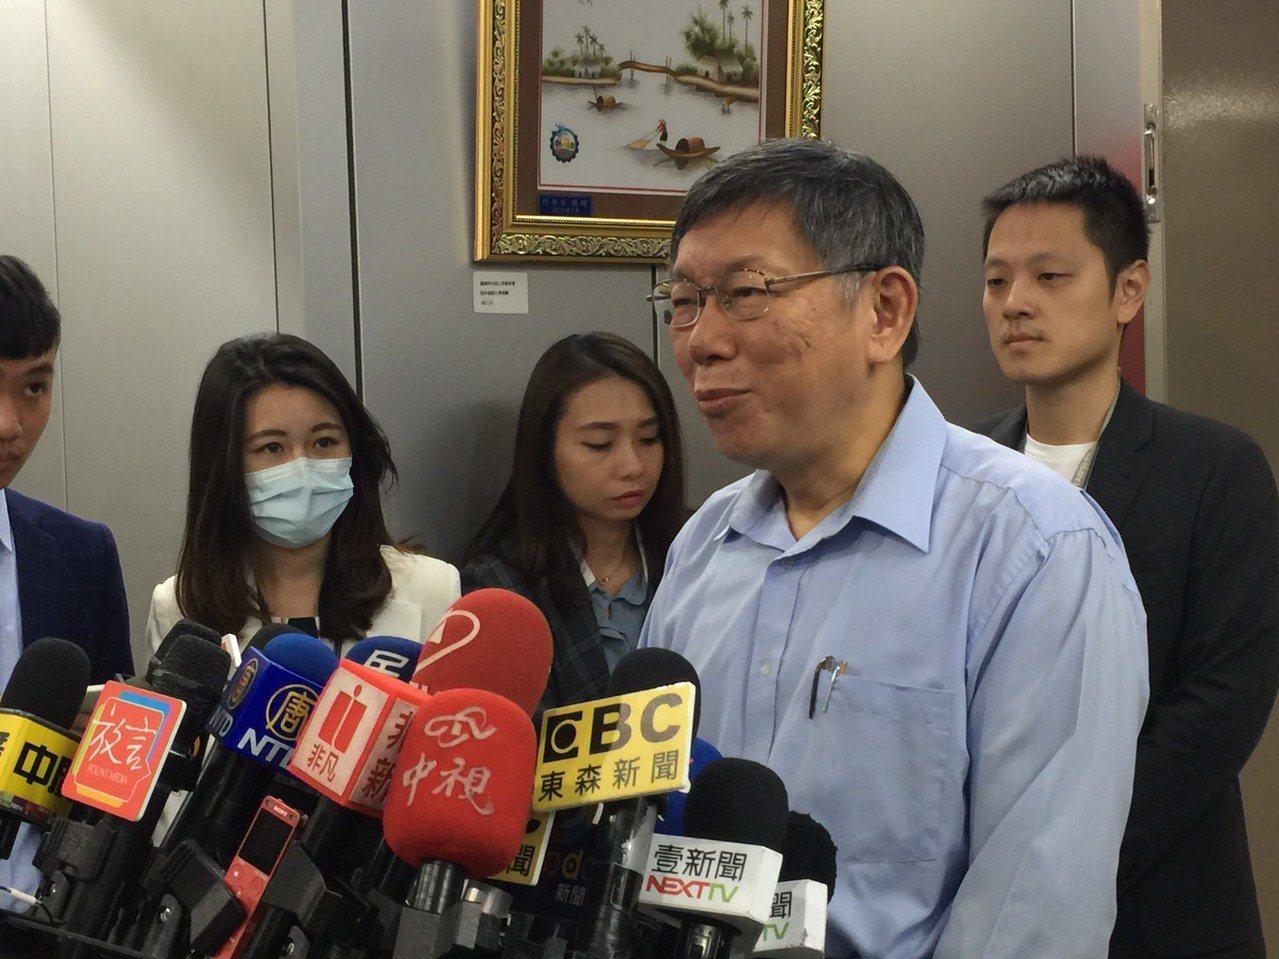 台北市長柯文哲今受訪時笑說,就是「Say hallo」啊,歡迎來台灣旅遊,隨後還...